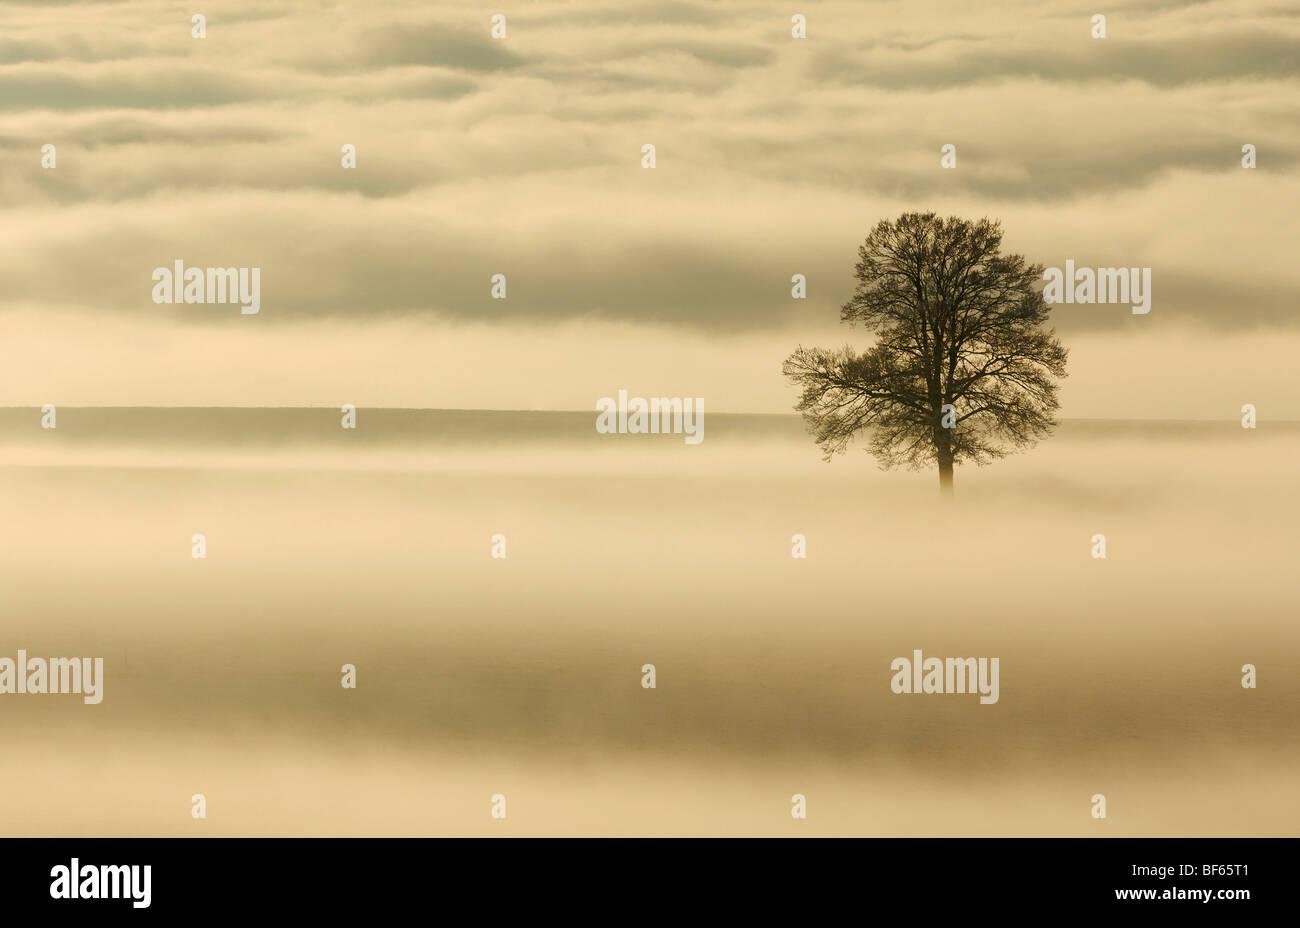 Chêne pédonculé (Quercus robur) dans le brouillard, la Suisse, l'Europe Photo Stock